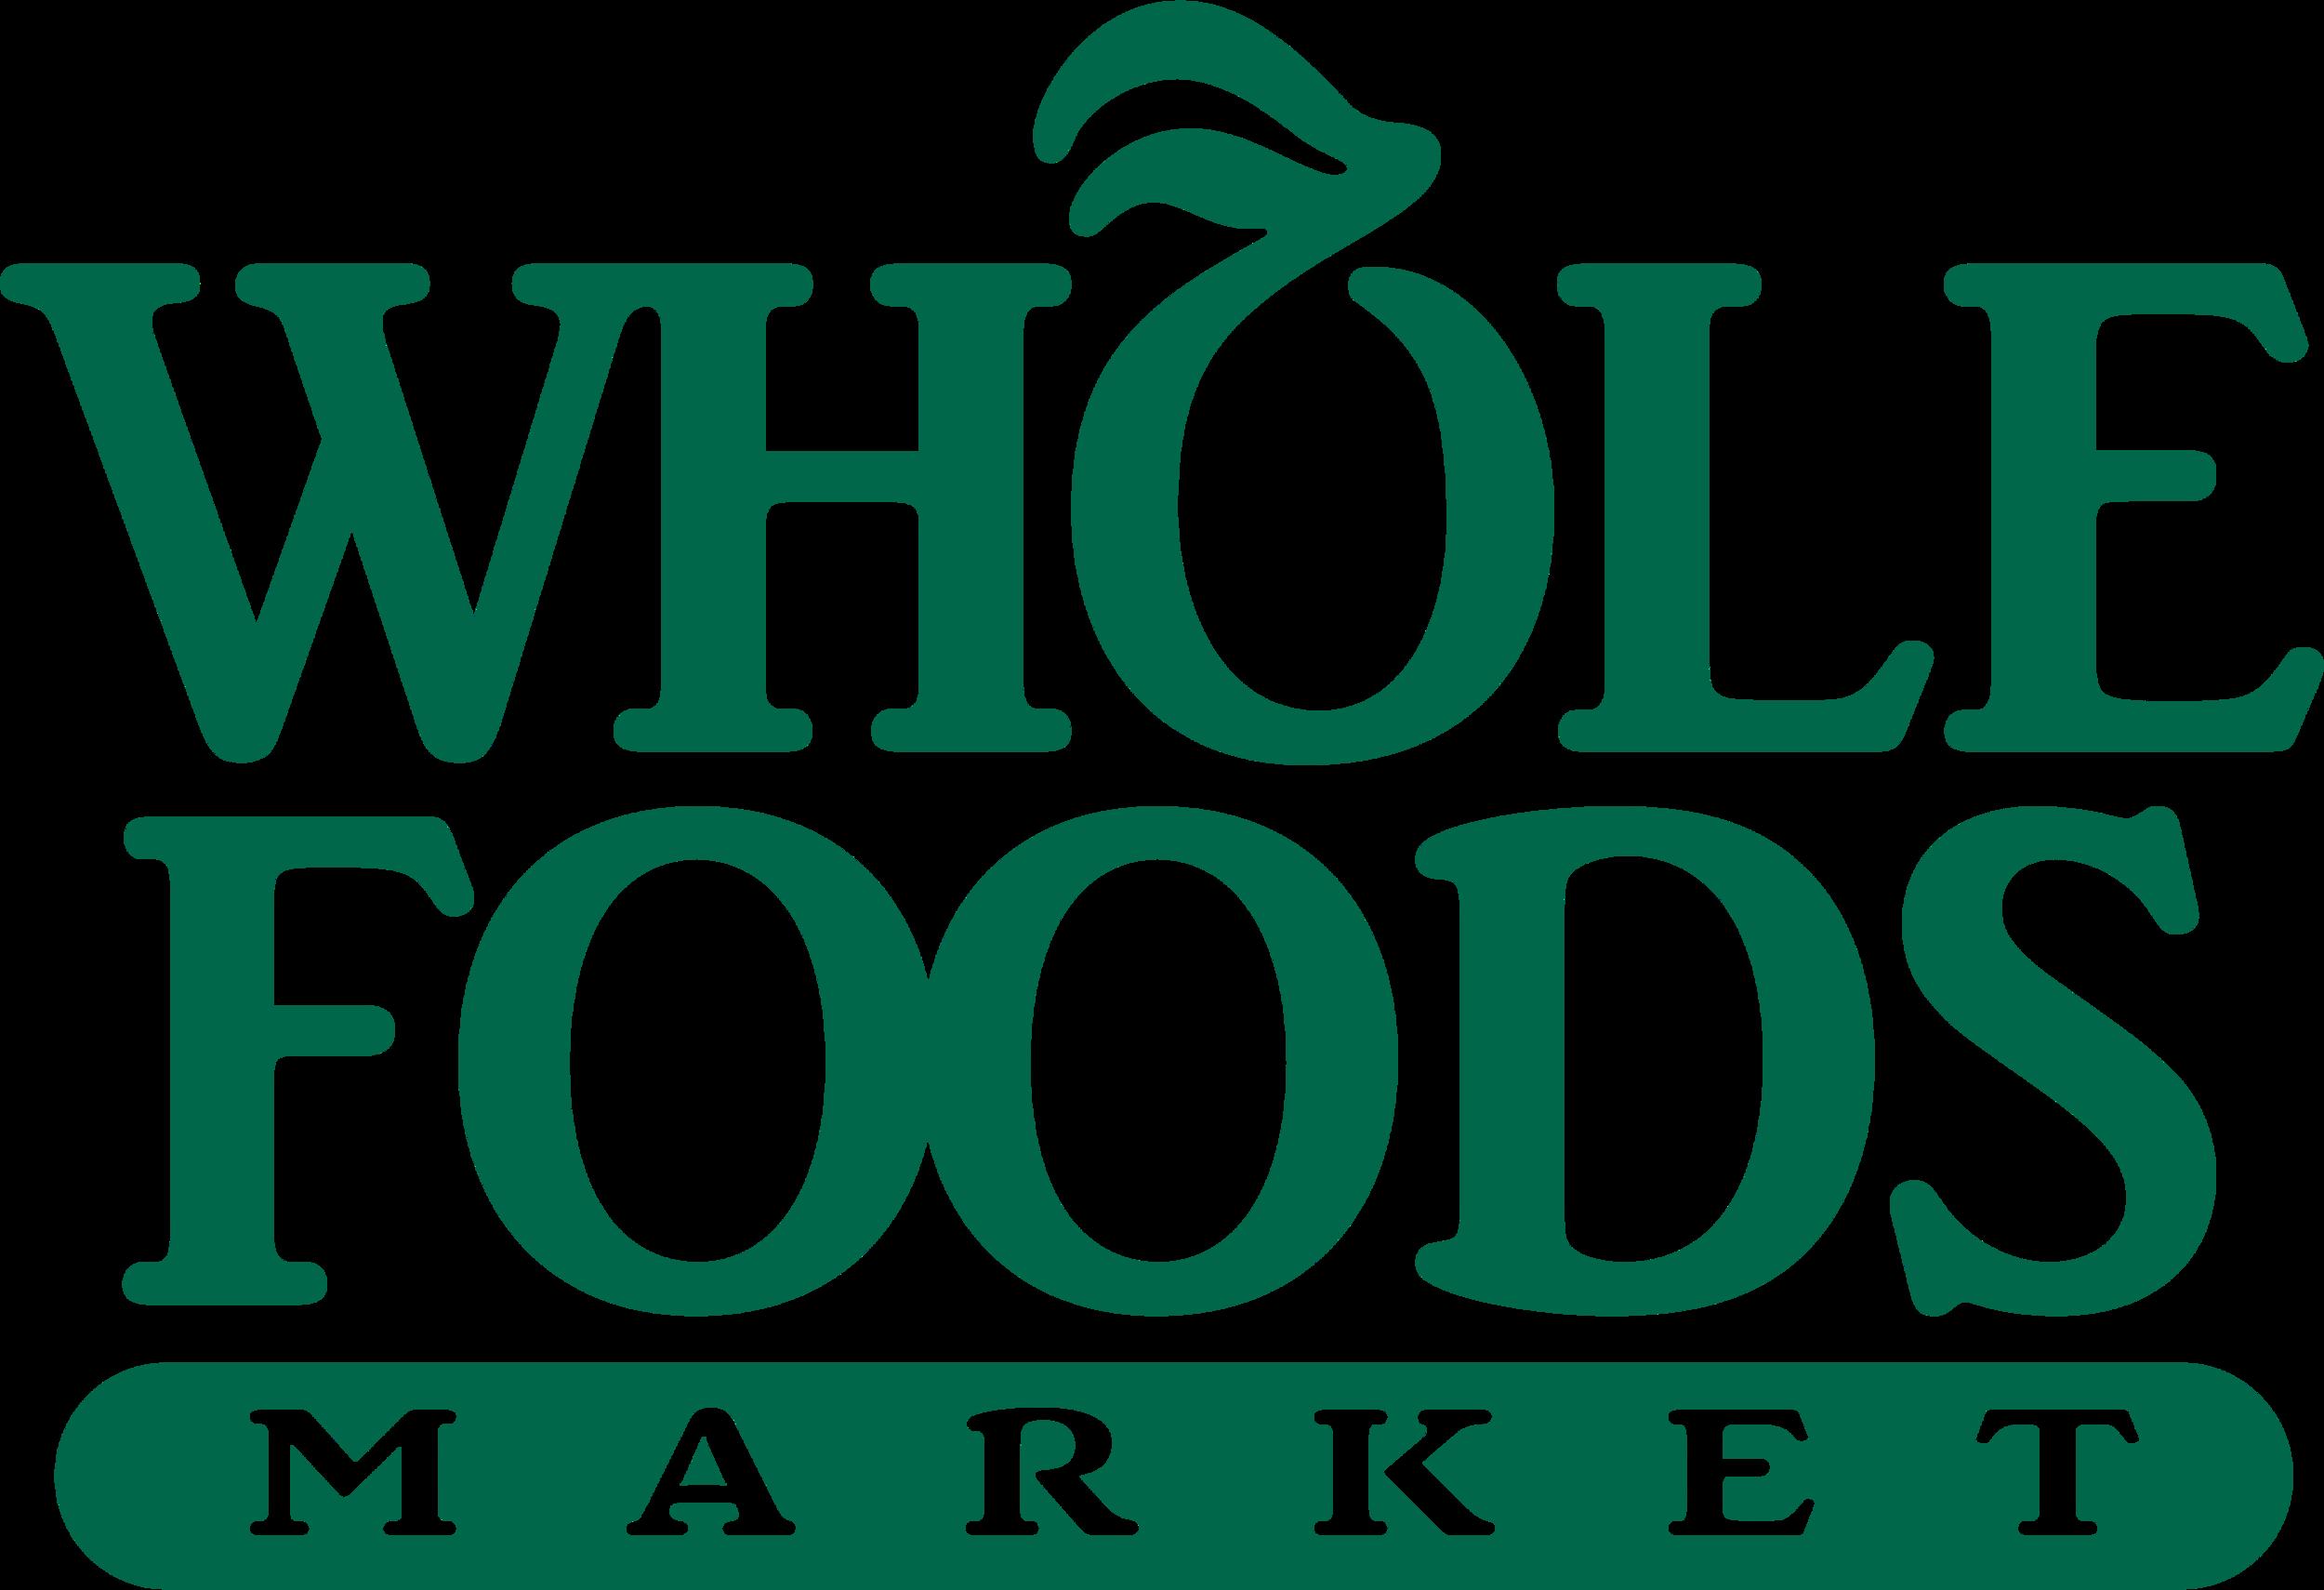 Whole_Foods_Market_logo_big.png